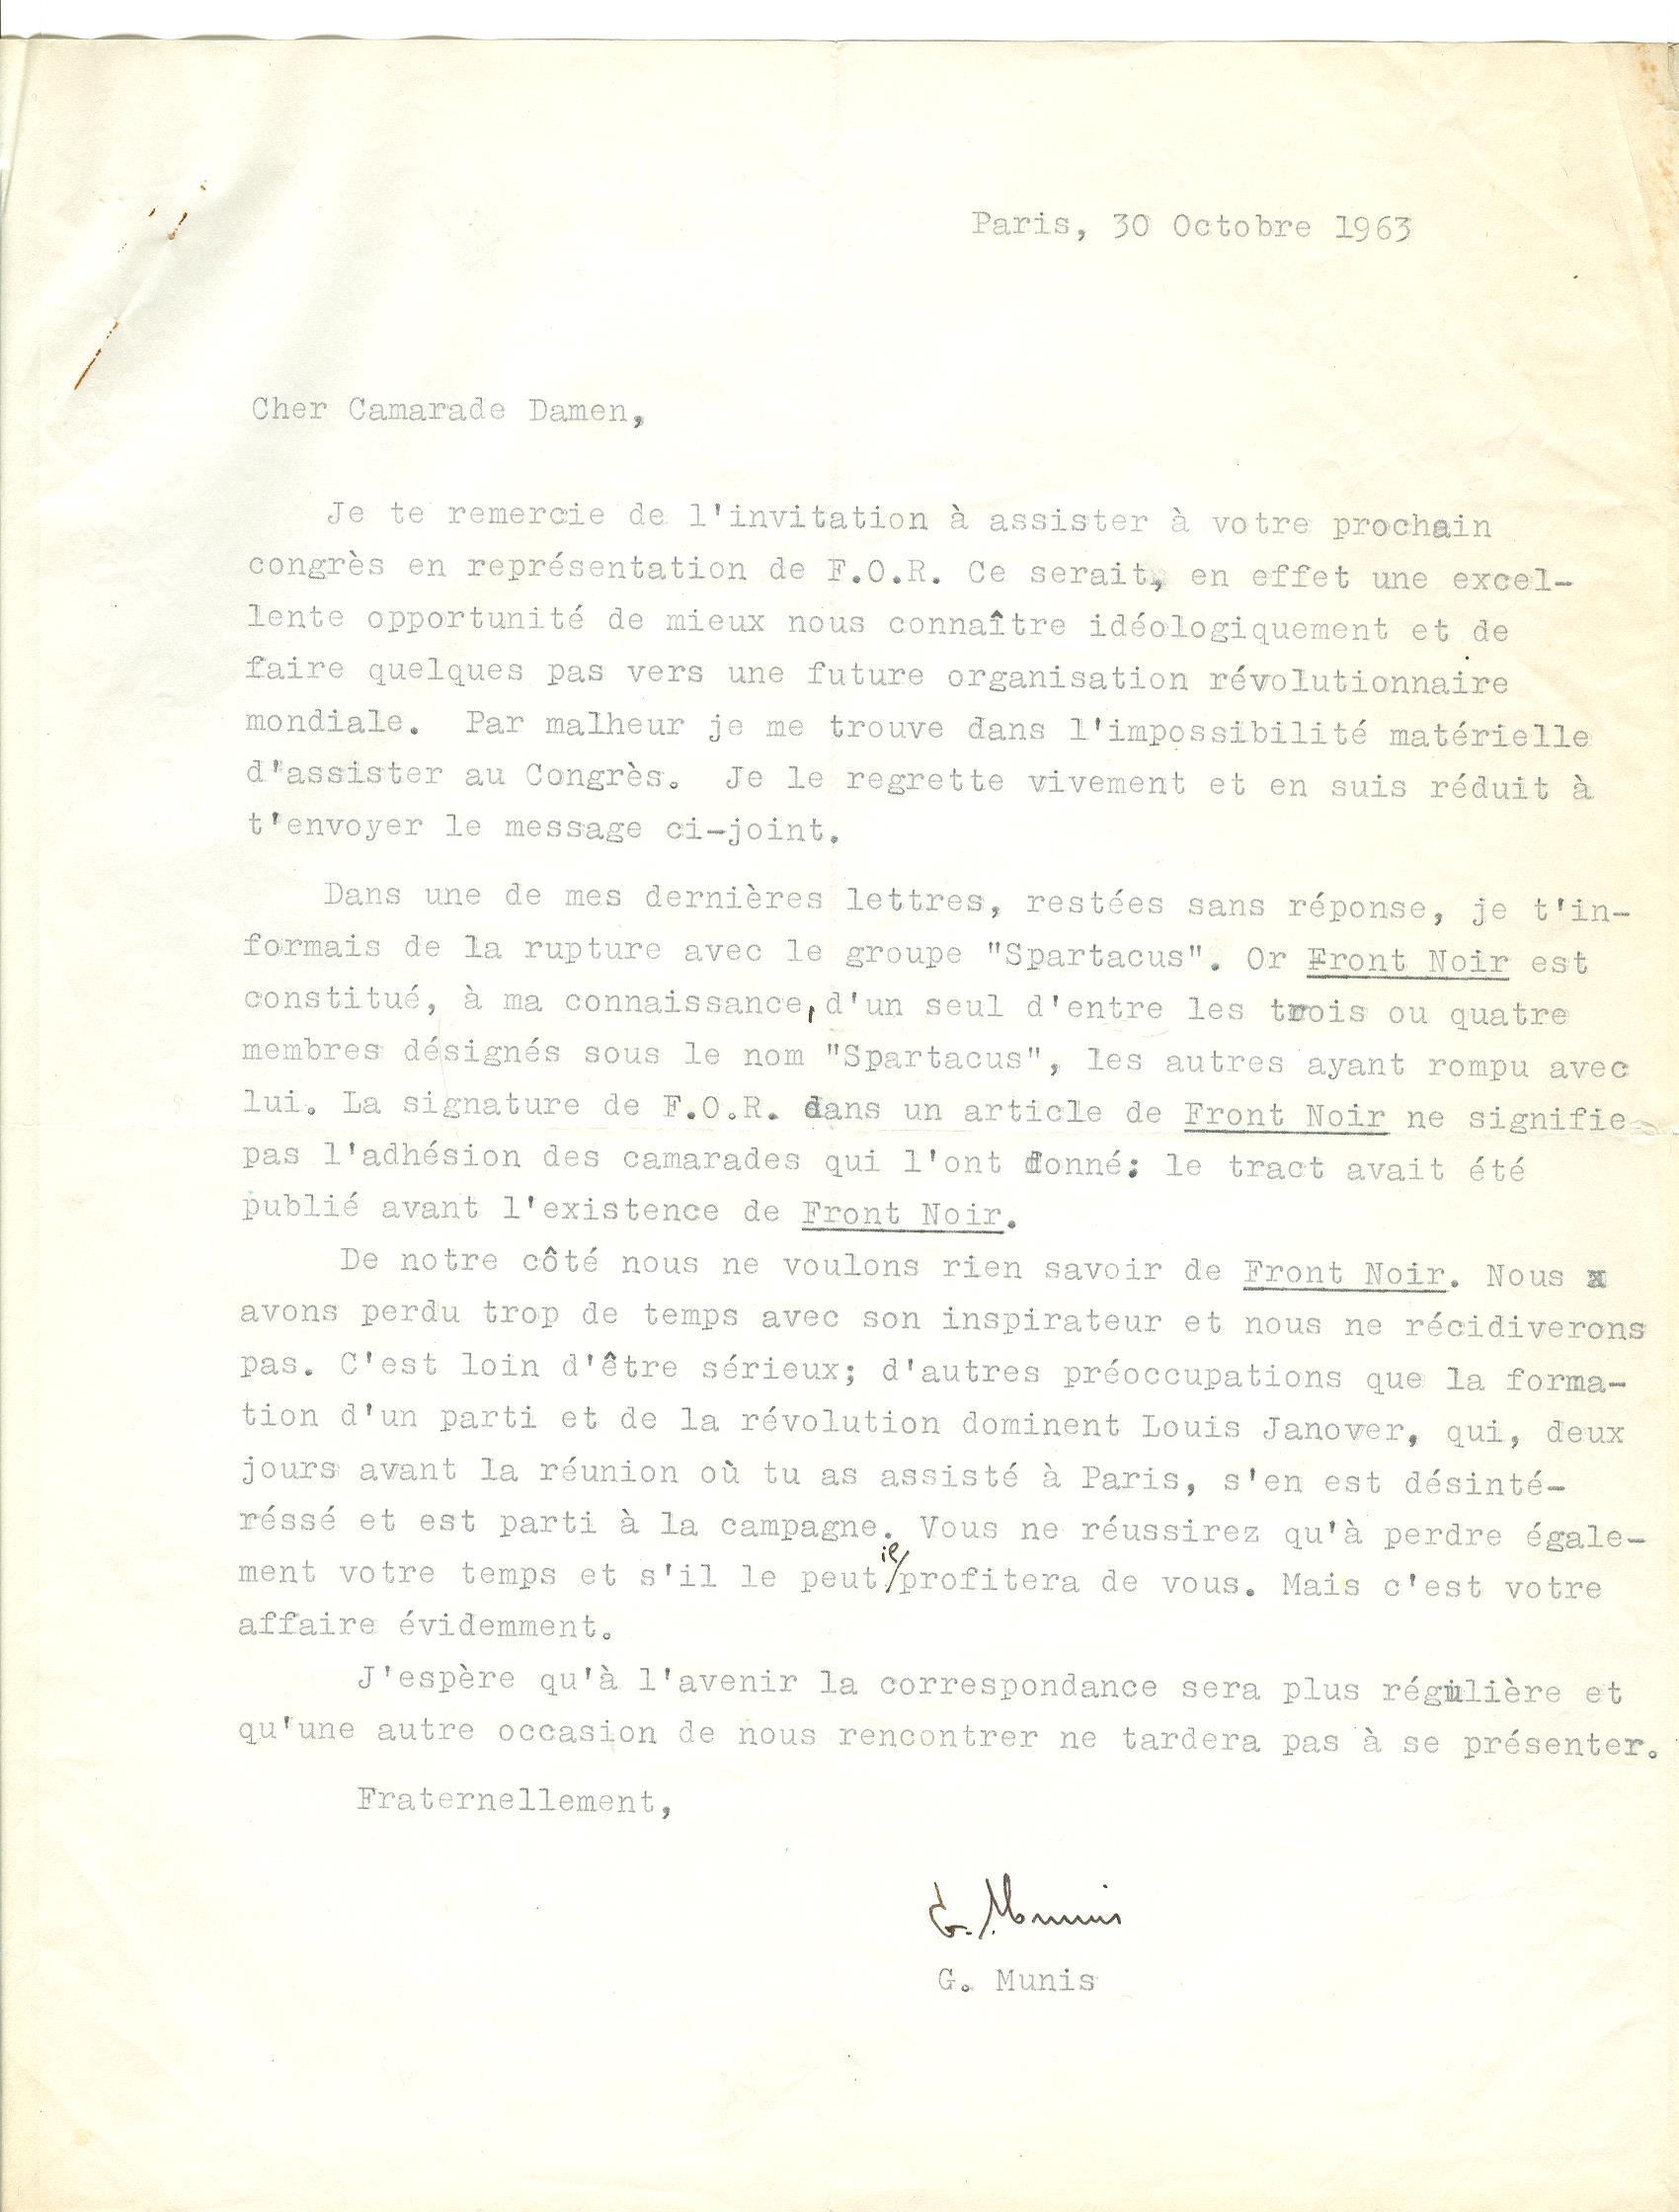 08 >> 6 - Lettera di Munis a Onorato Damen (30 ottobre 1963)